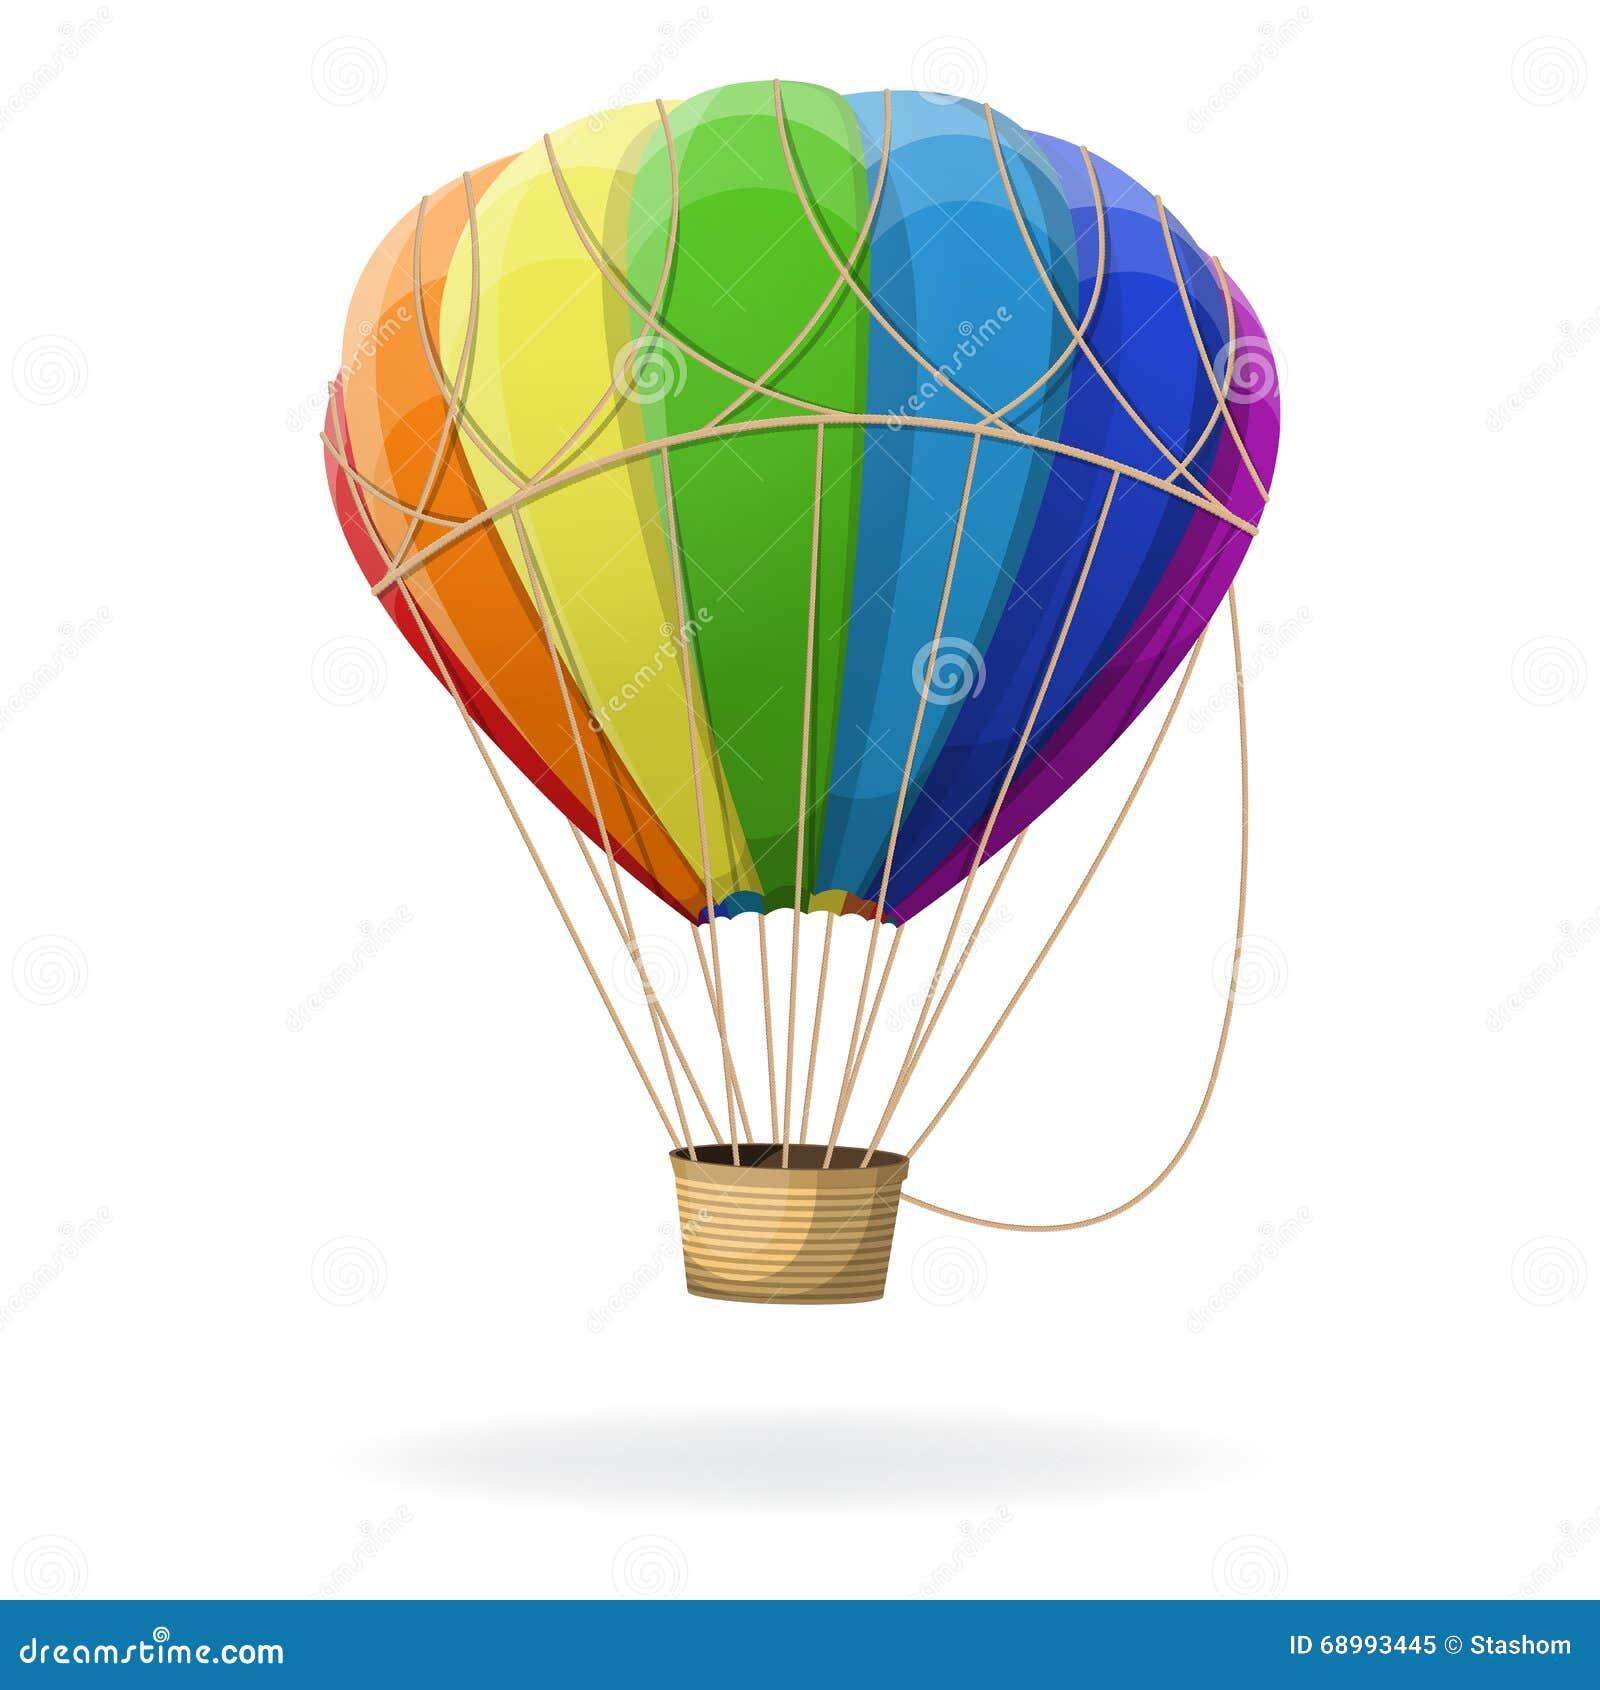 Nett Heißluftballon Farbseite Zeitgenössisch - Druckbare Malvorlagen ...